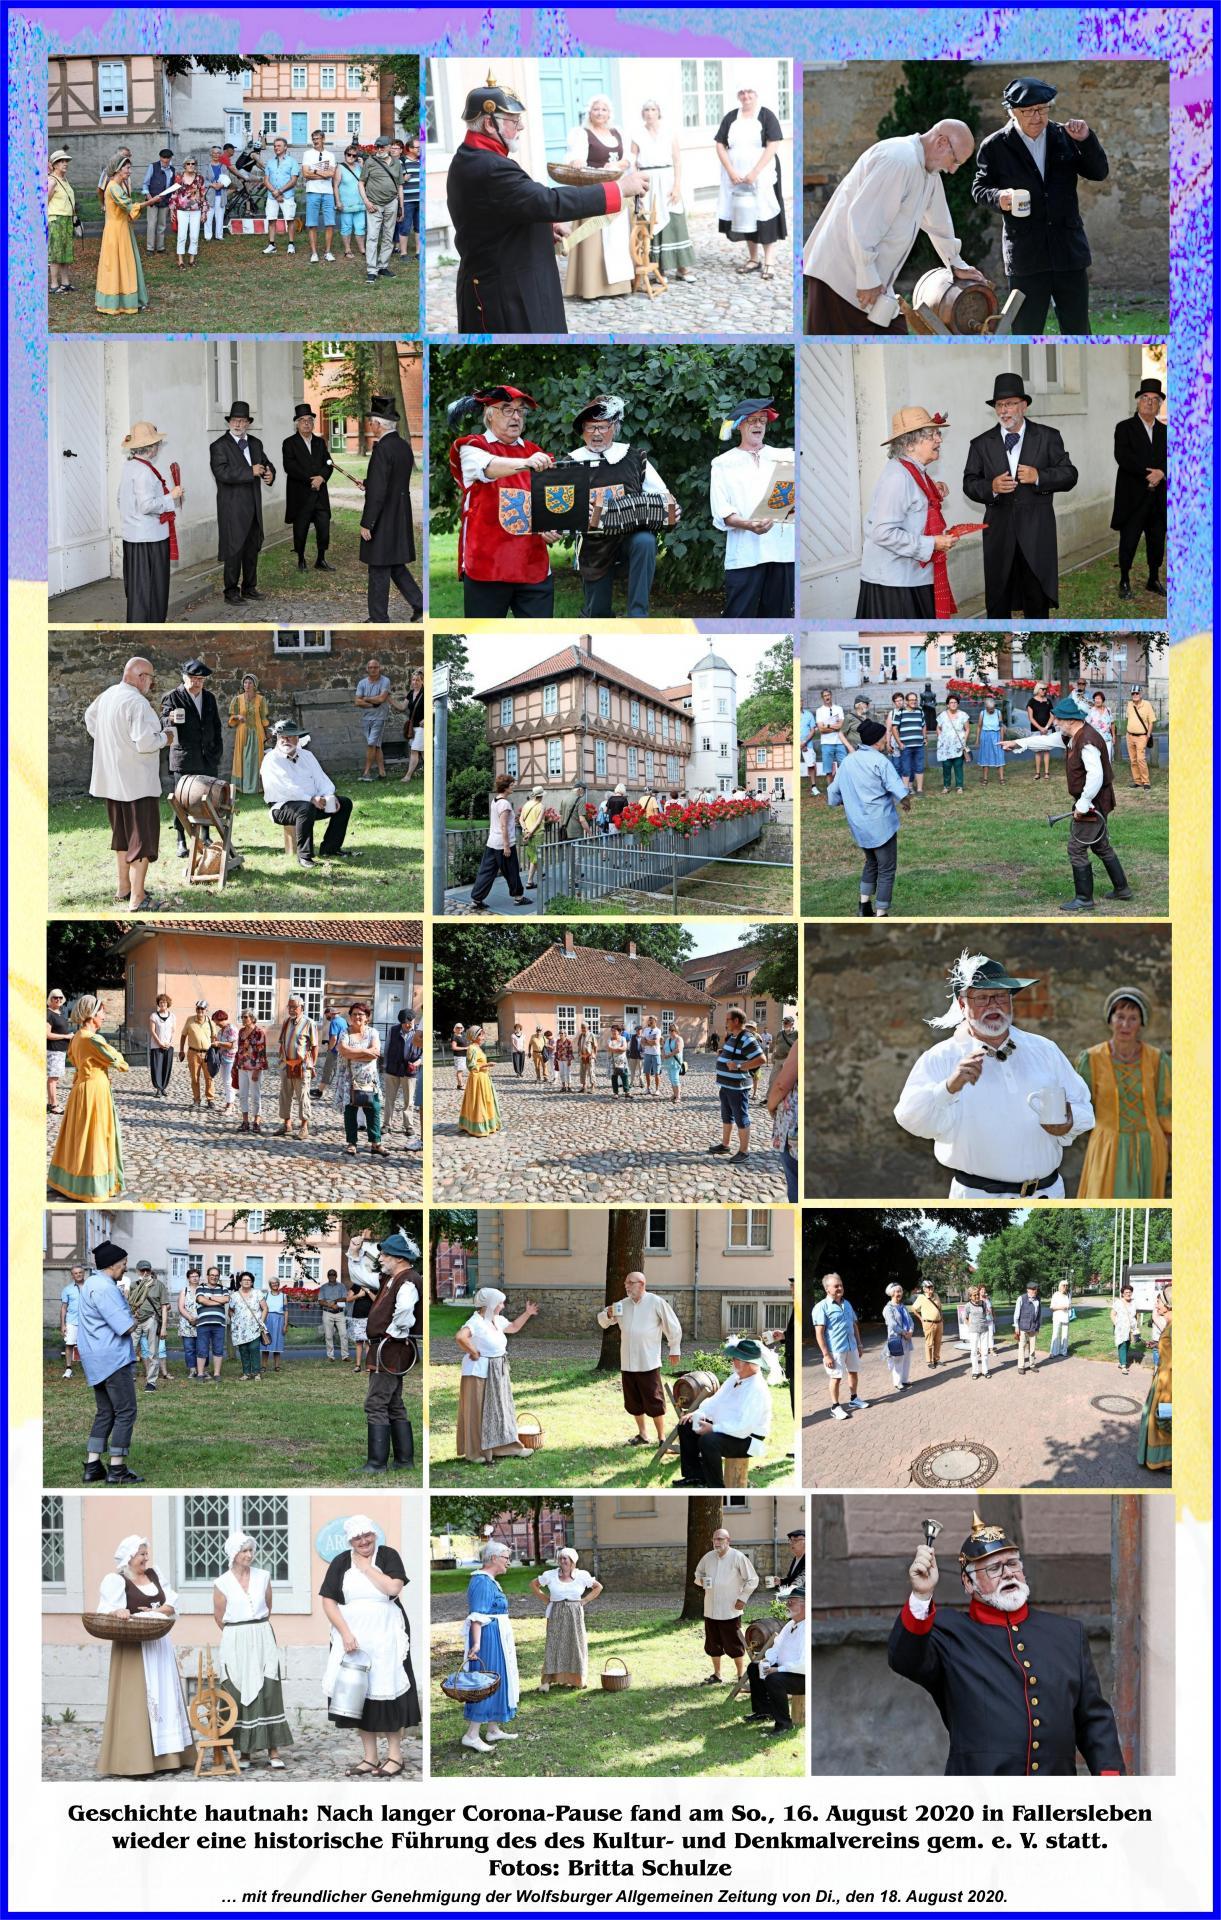 Bilder von der Fallersleber Stadtführung von Son, 16. August 2020